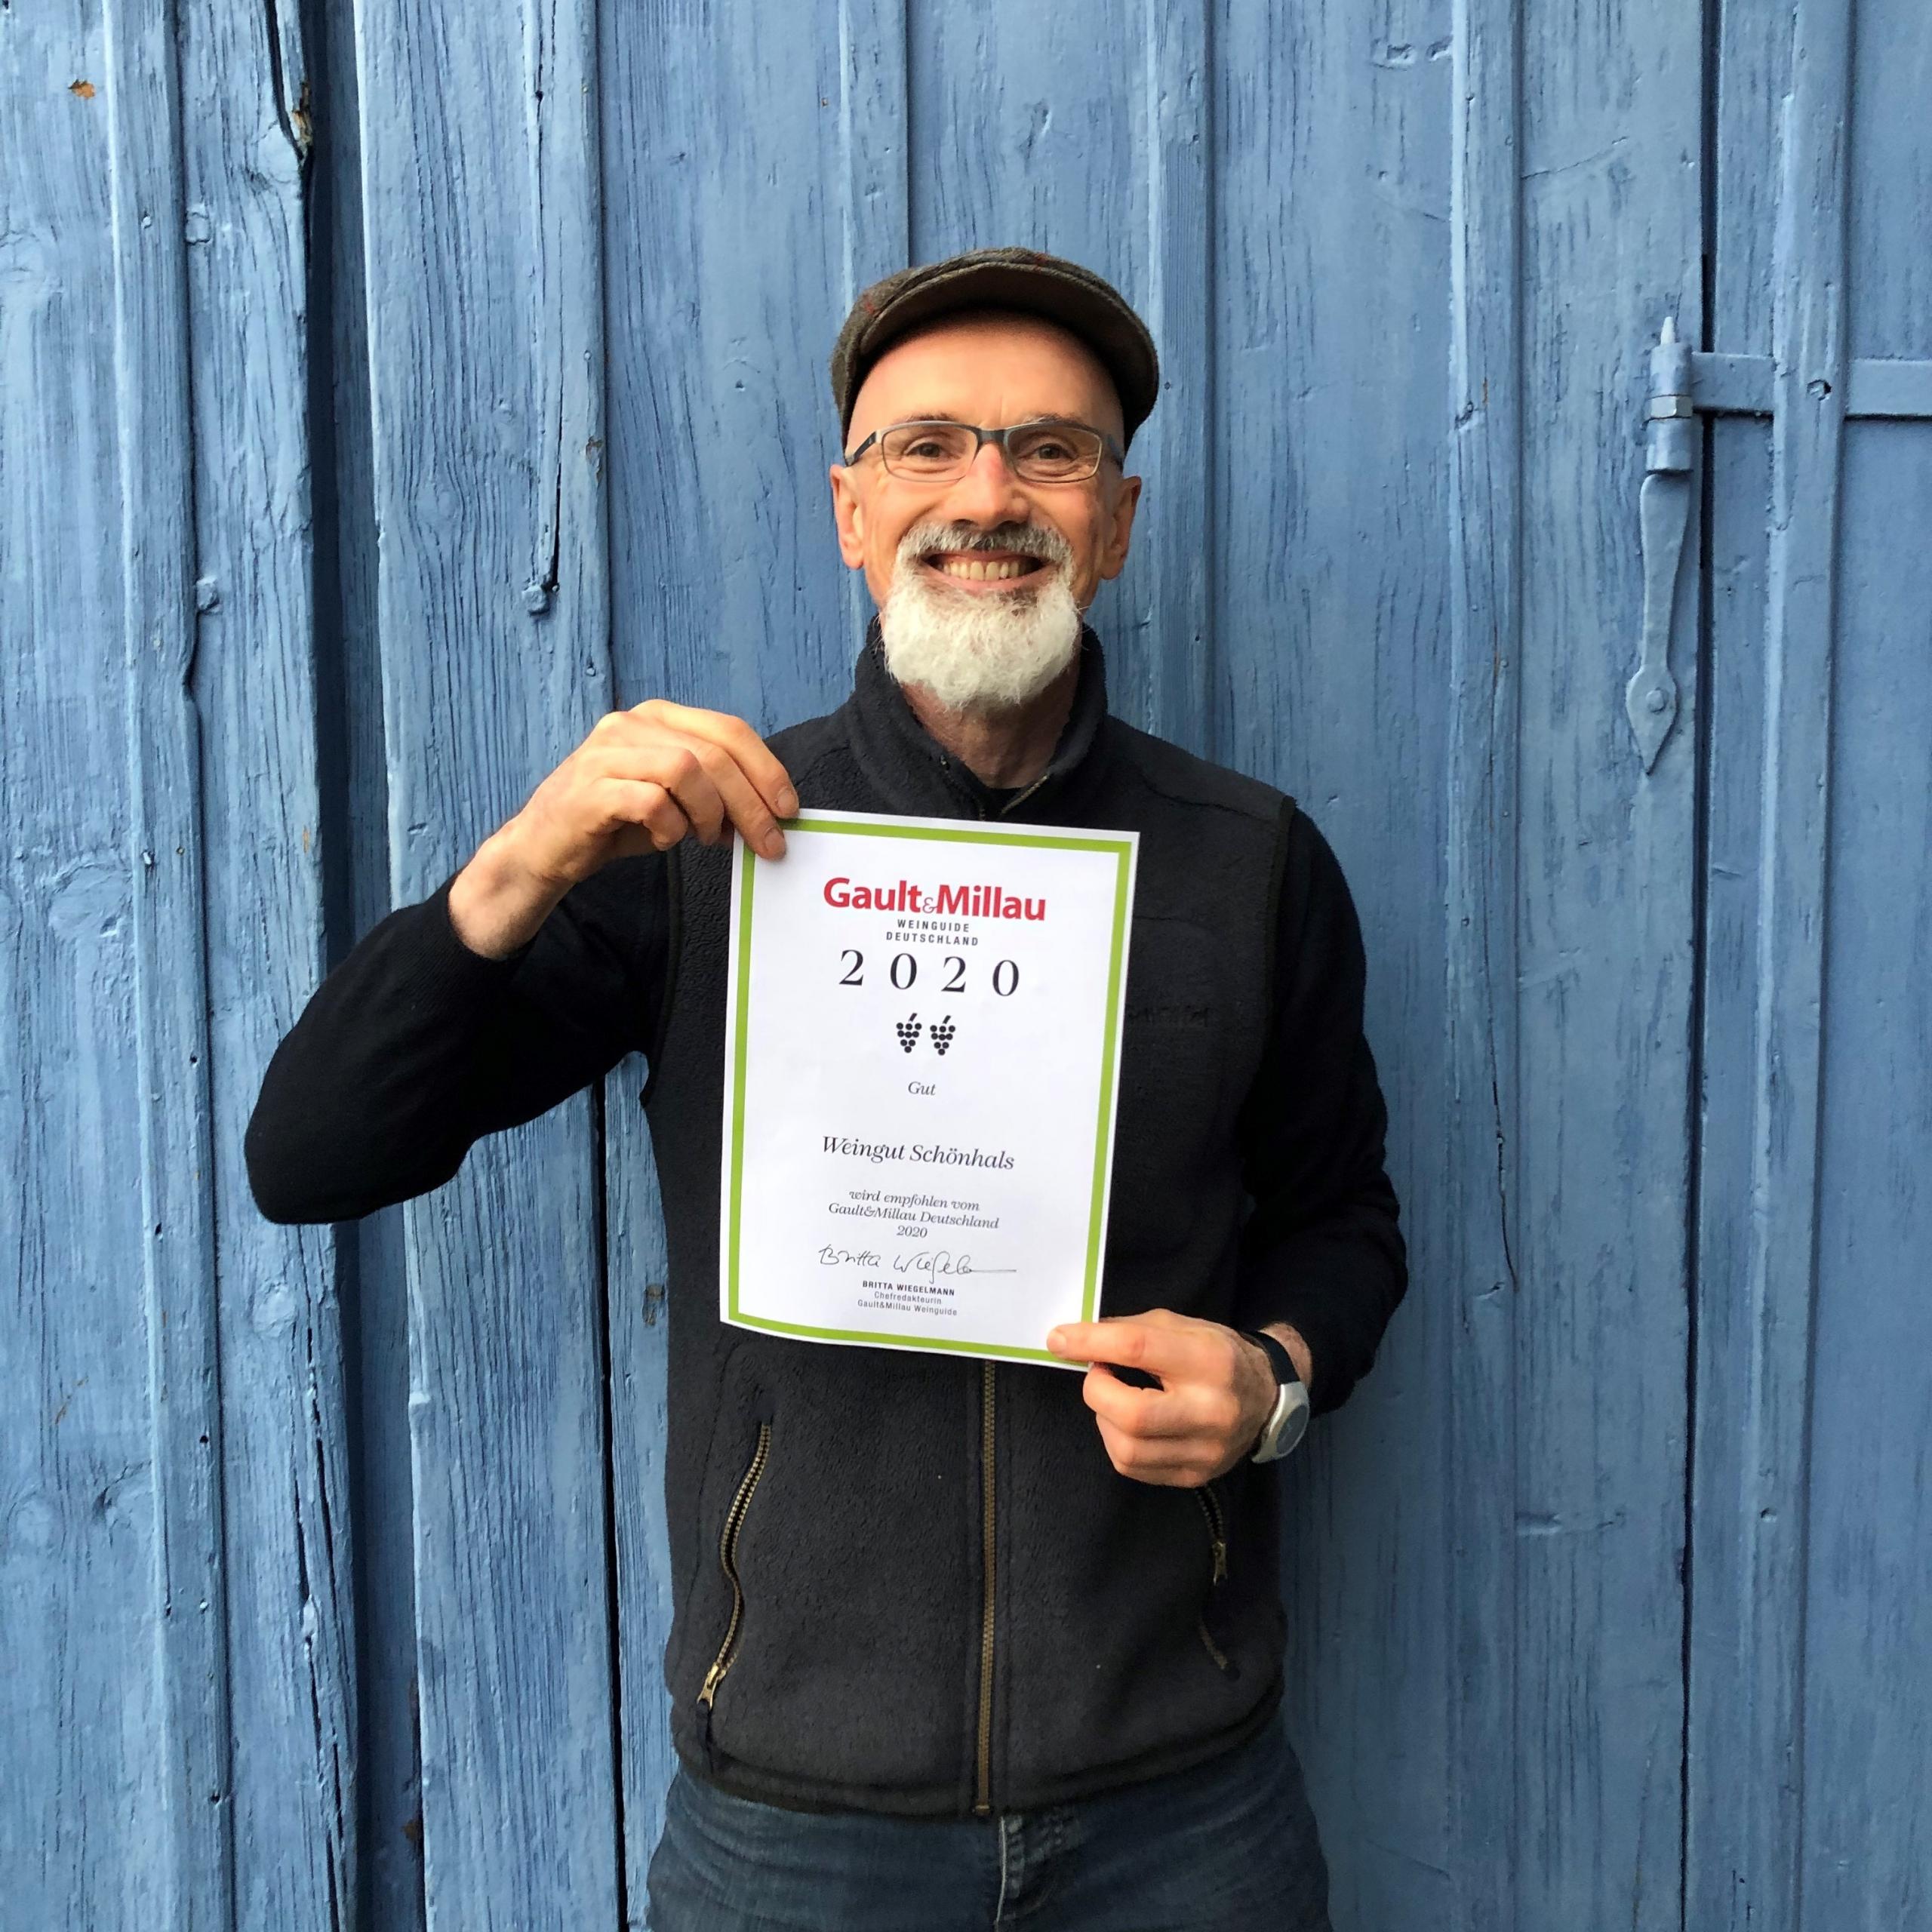 Weingut Schönhals Martin Knab freut sich über die Auszeichnung im Gault&Millau Weinführer 2020